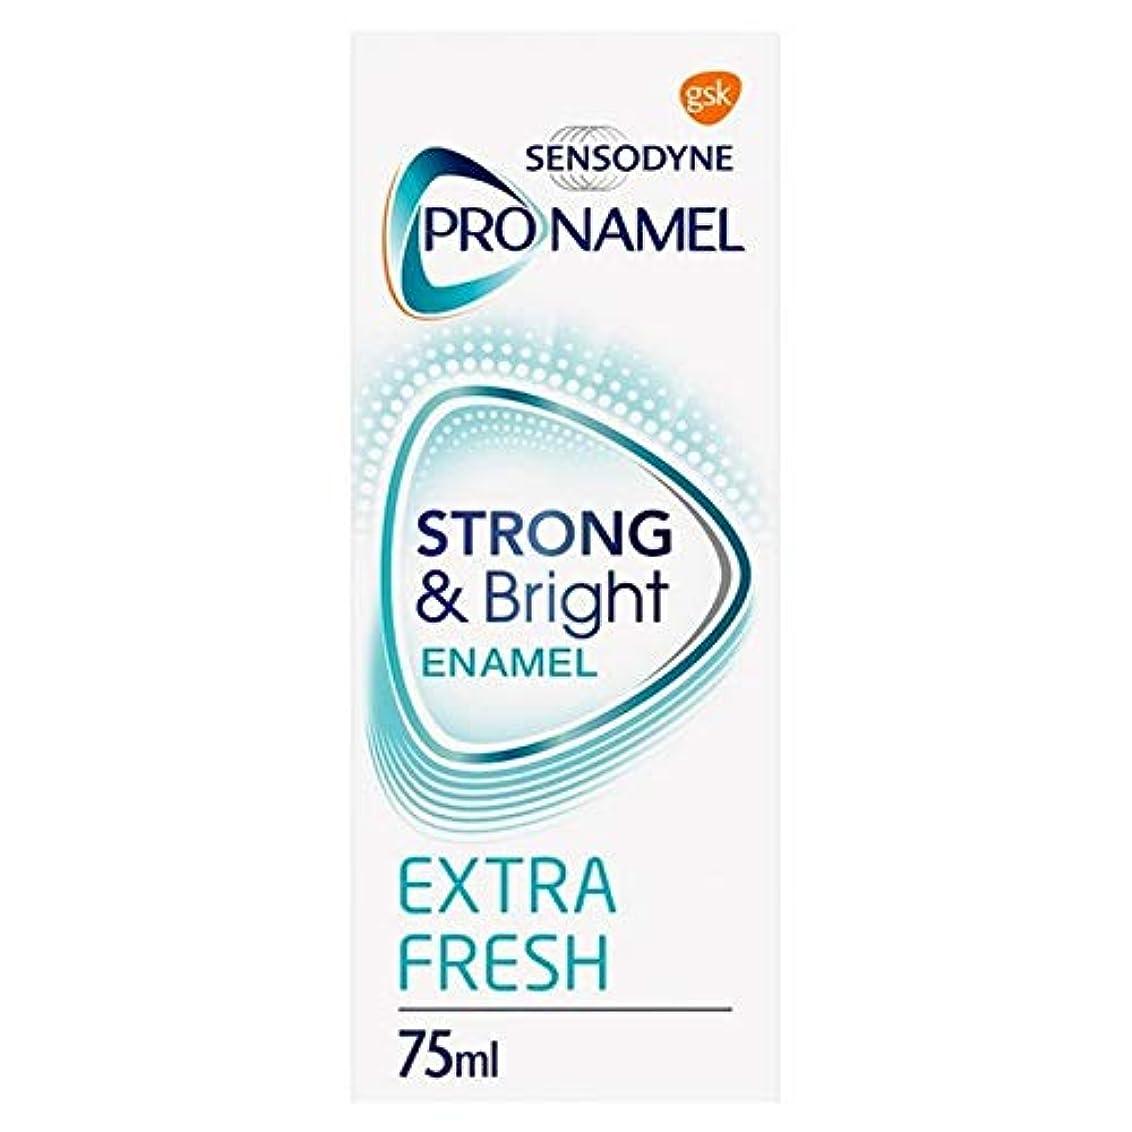 大理石腫瘍ソケット[Sensodyne] SensodyneのPronamel強い&ブライト歯磨き粉75ミリリットル - Sensodyne Pronamel Strong & Bright Toothpaste 75ml [並行輸入品]